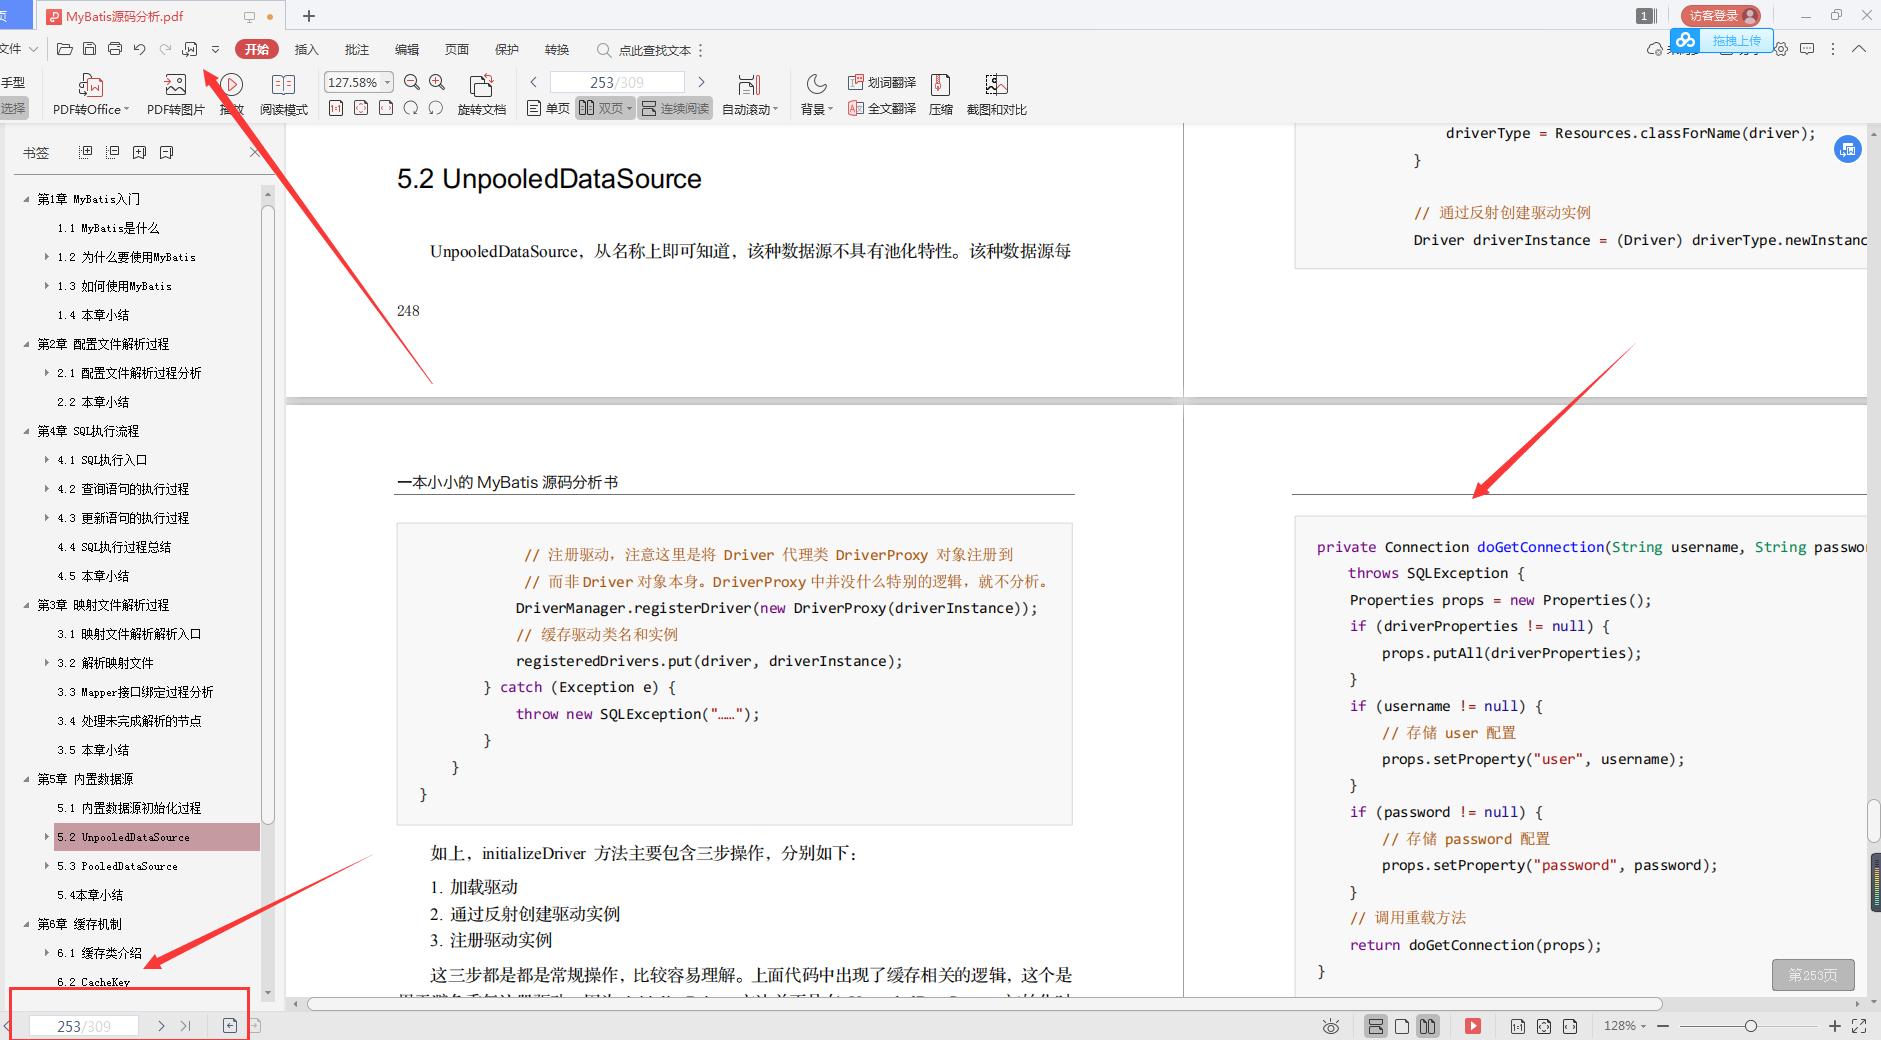 阿里技术官架构使用总结:Spring+MyBatis源码+Tomcat架构解析等